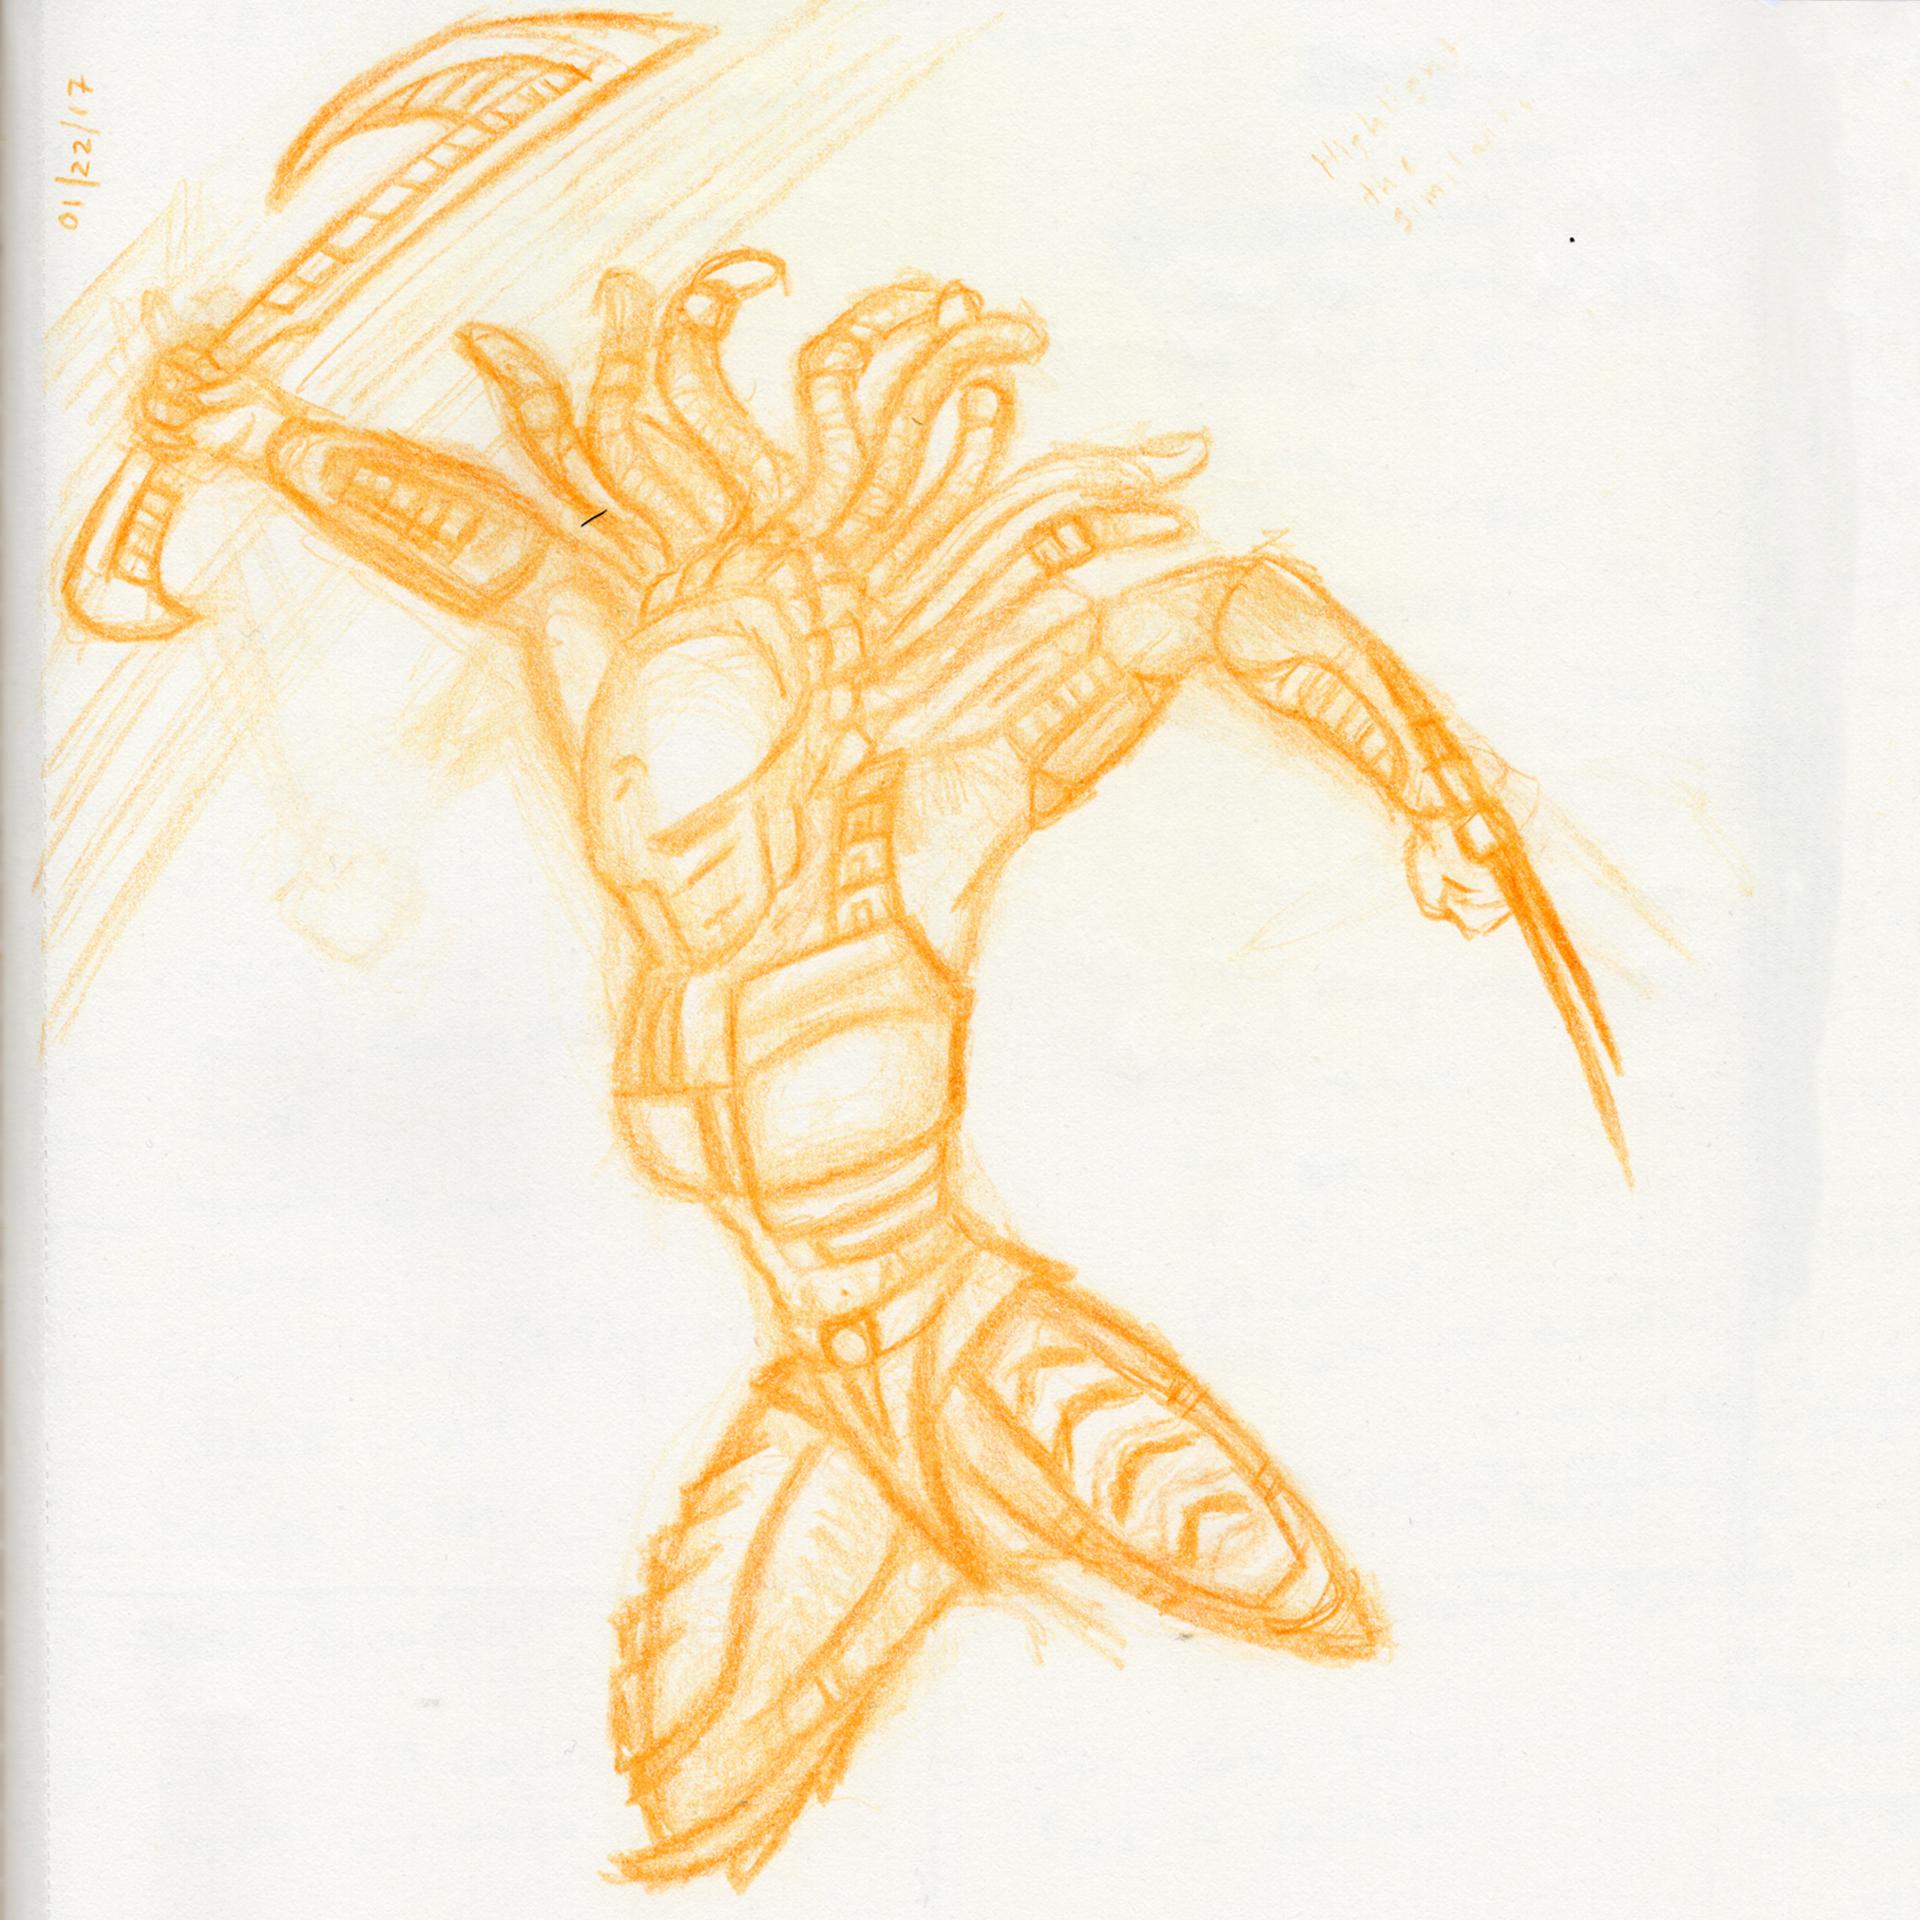 yautja-warrior-illustration-01.jpg